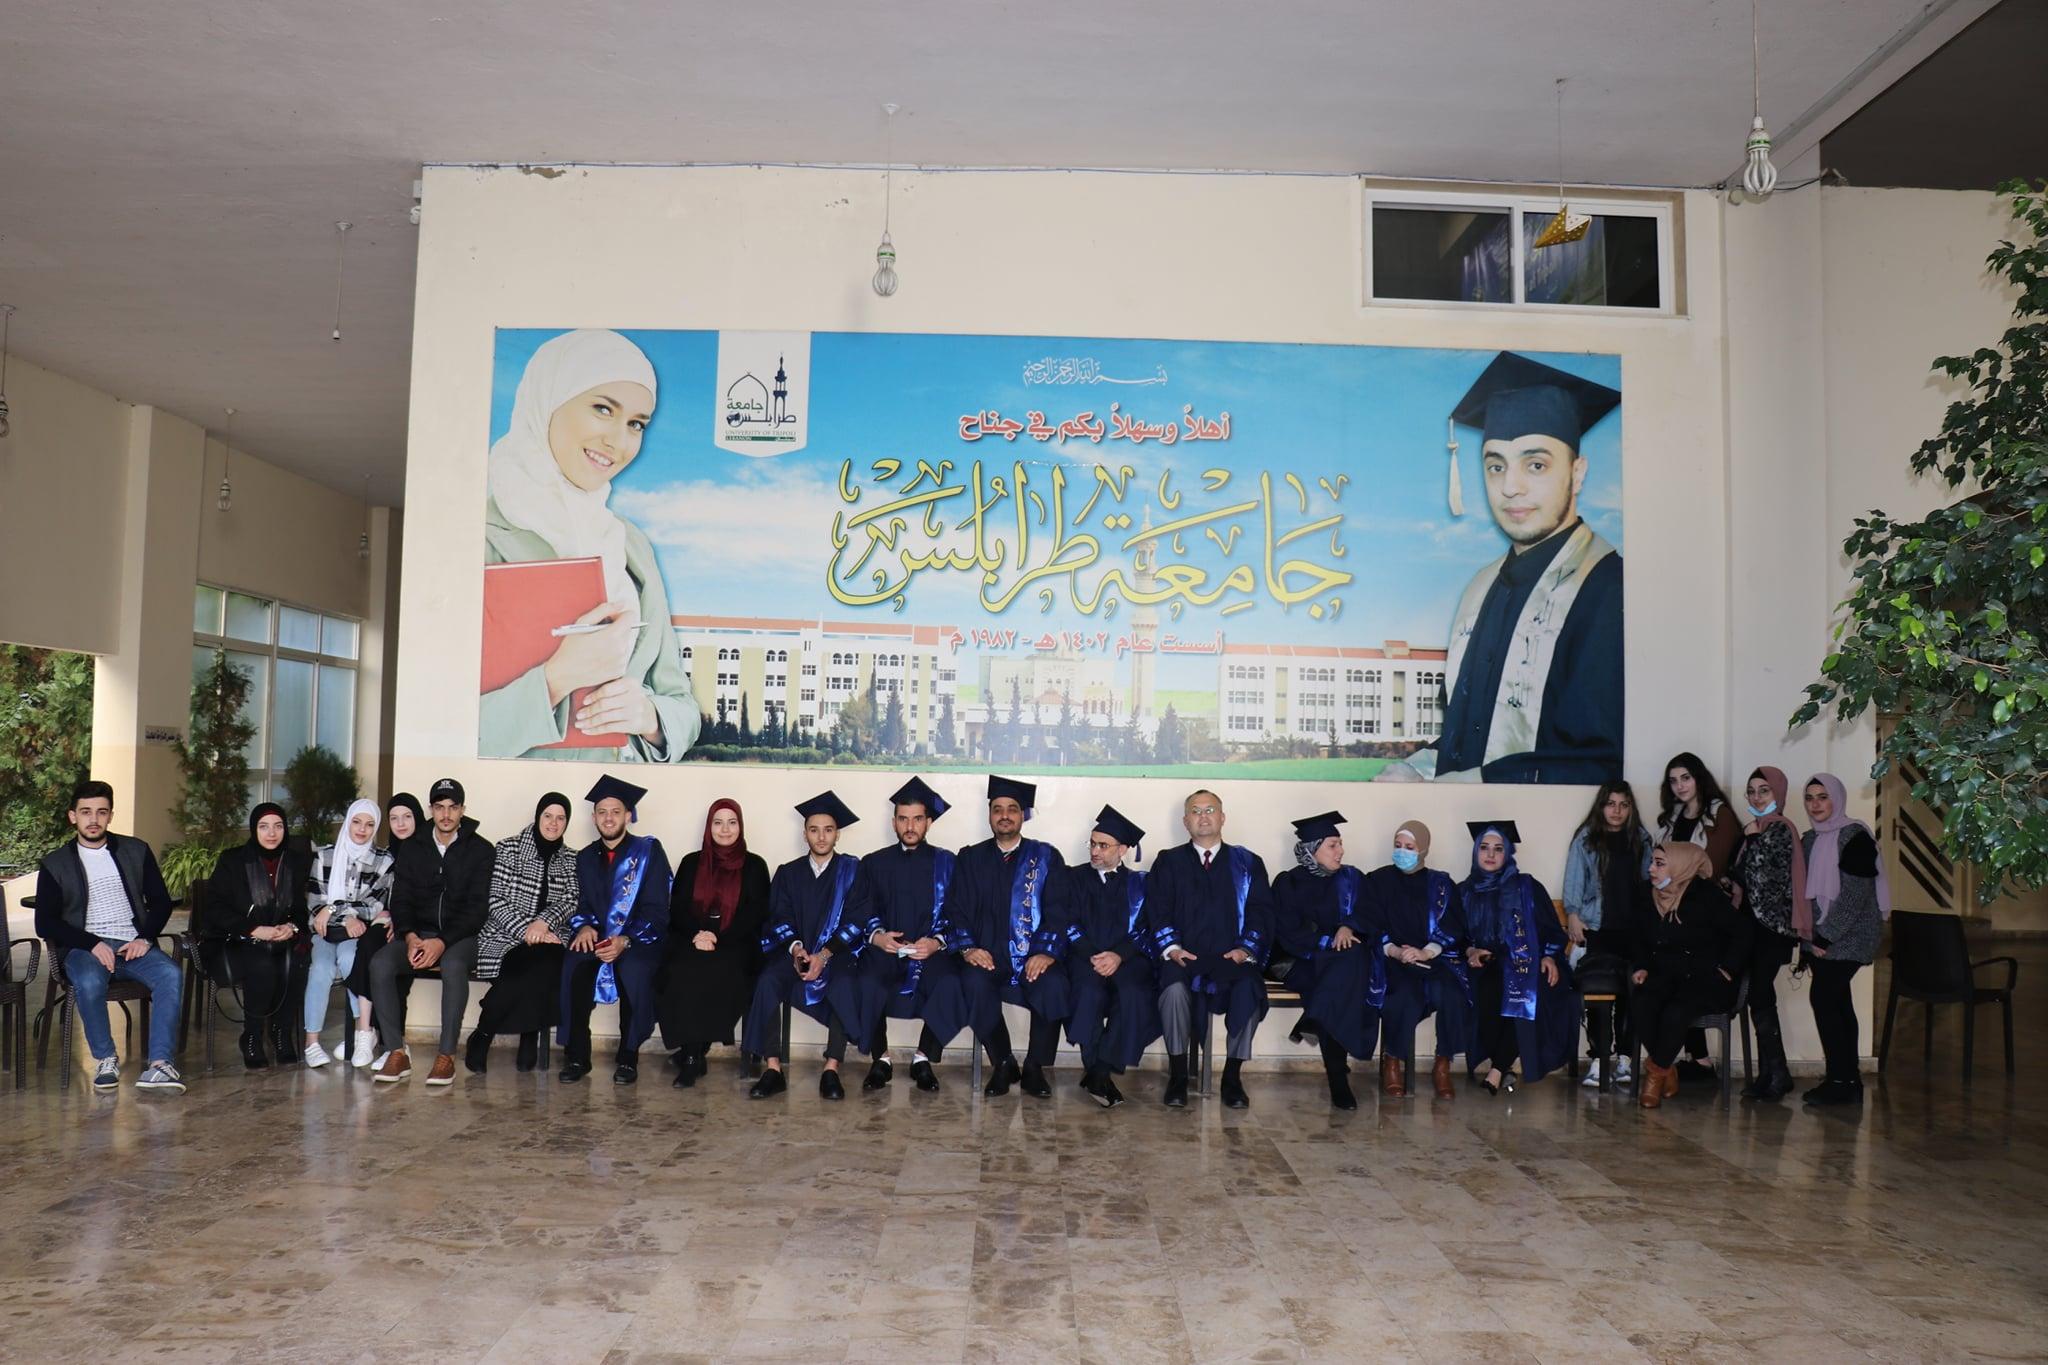 حفل تصويري لخريجي طلاب كلية إدارة الأعمال في جامعة طرابلس (6/7)